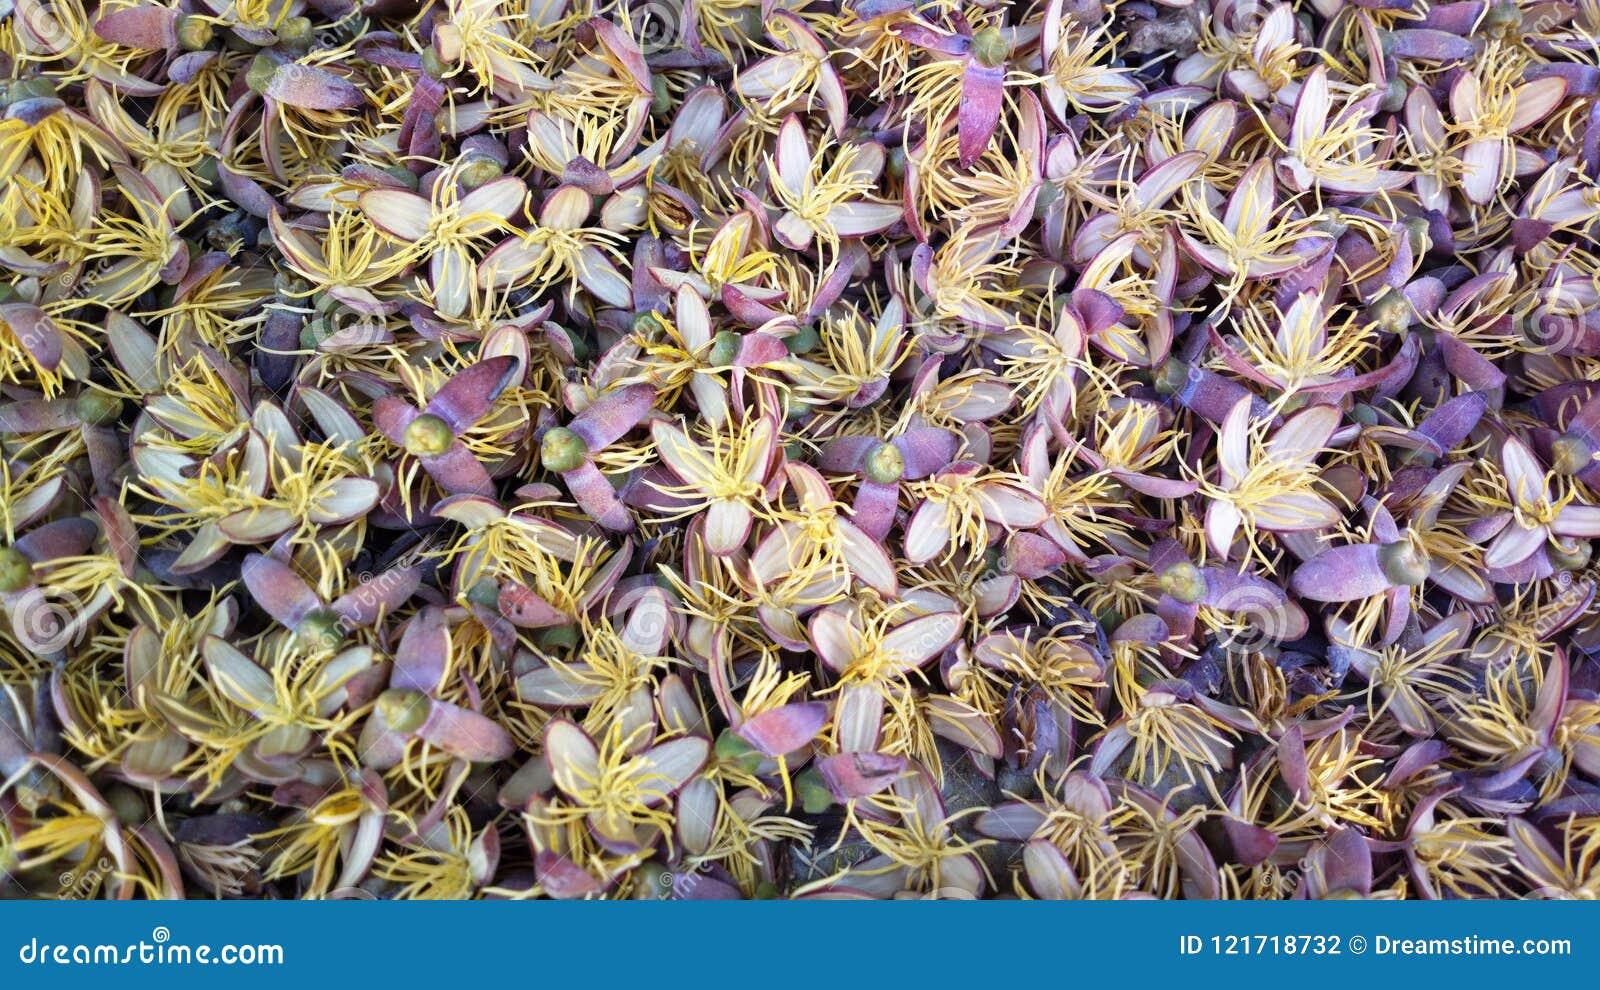 Egyptian Palm Flowers spread on floor